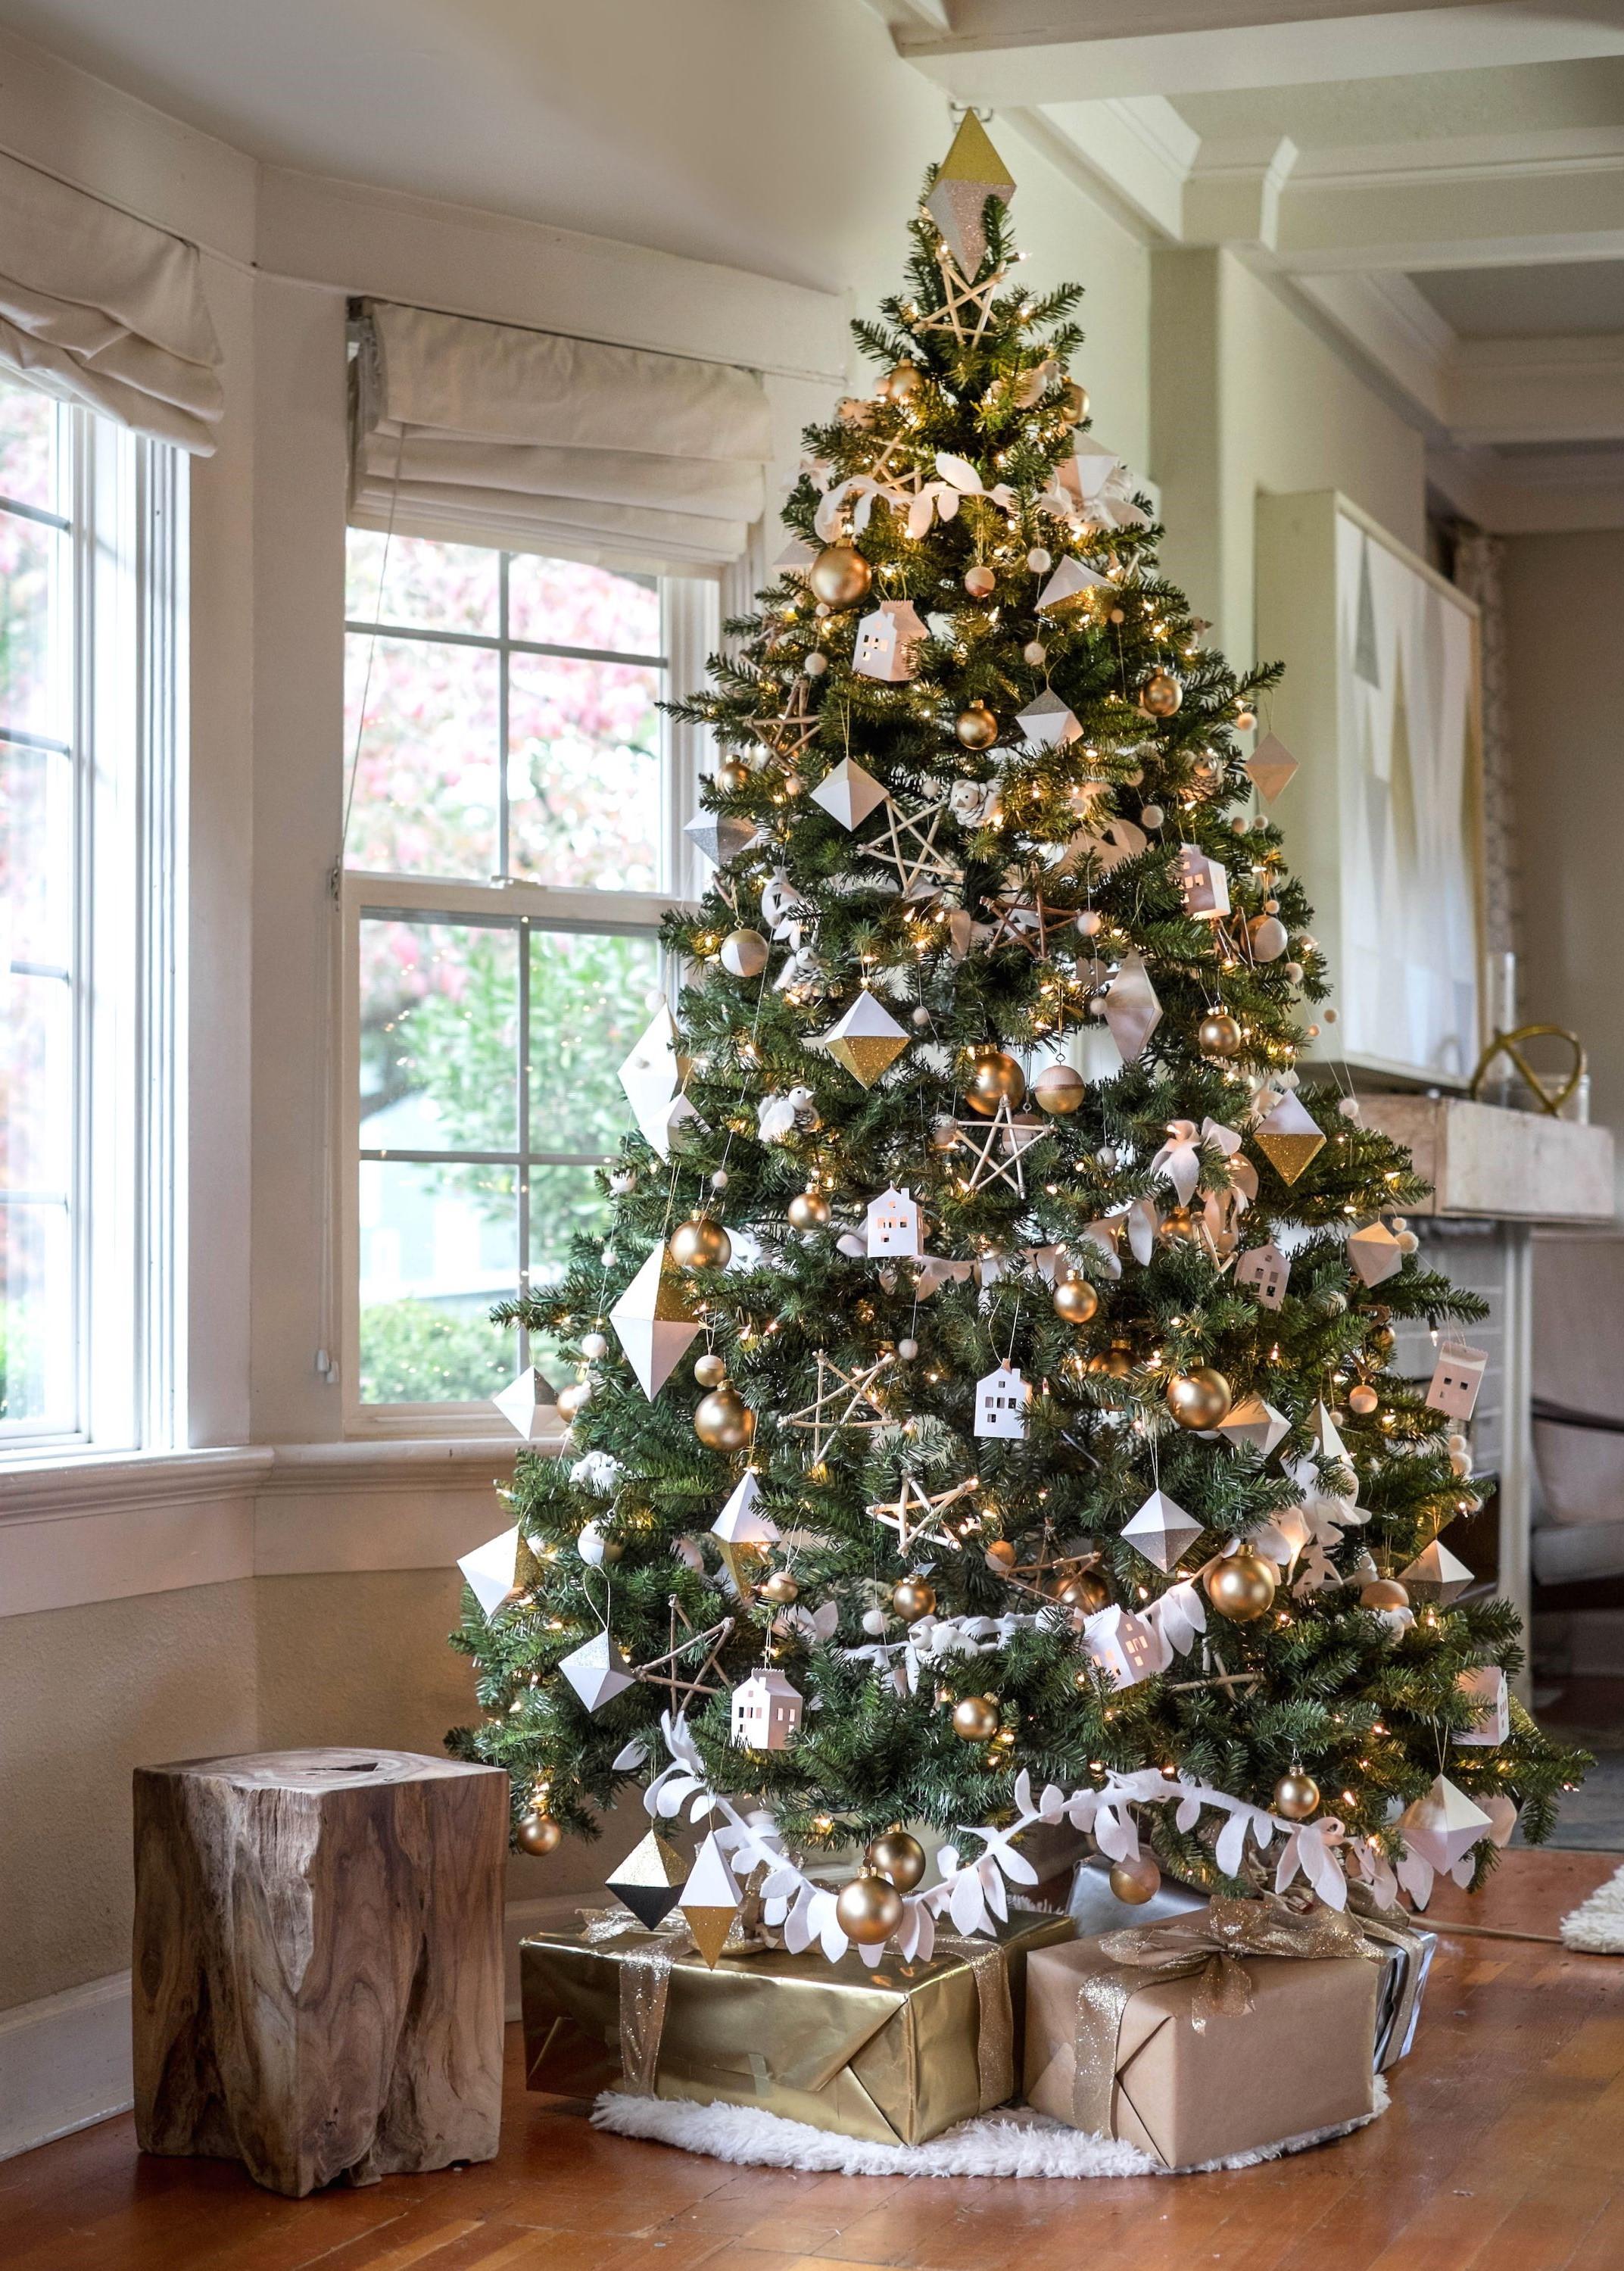 Si vous avez un grand salon, vous pouvez choisir un grand sapin de Noël, semblable à celui-ci.